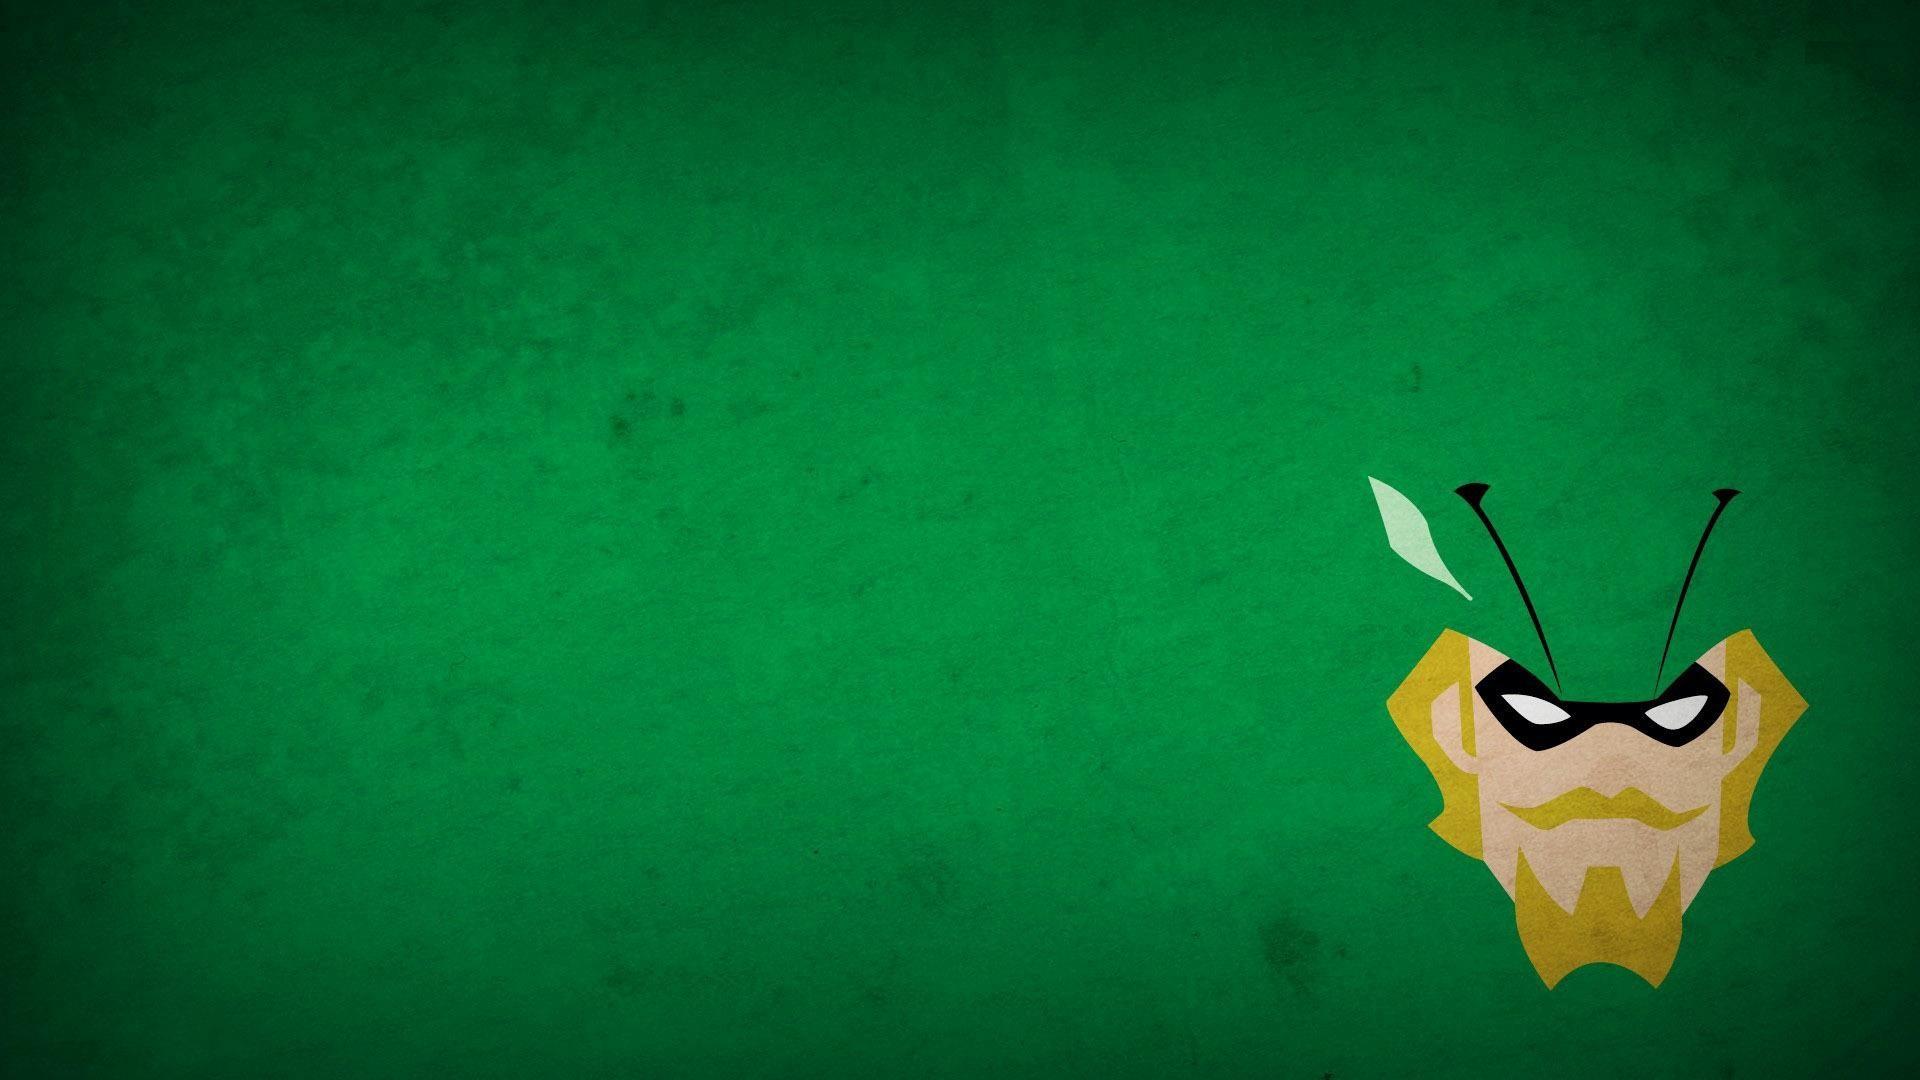 In-Gallery-Green-Arrow-Green-Arrow-HD-1920%